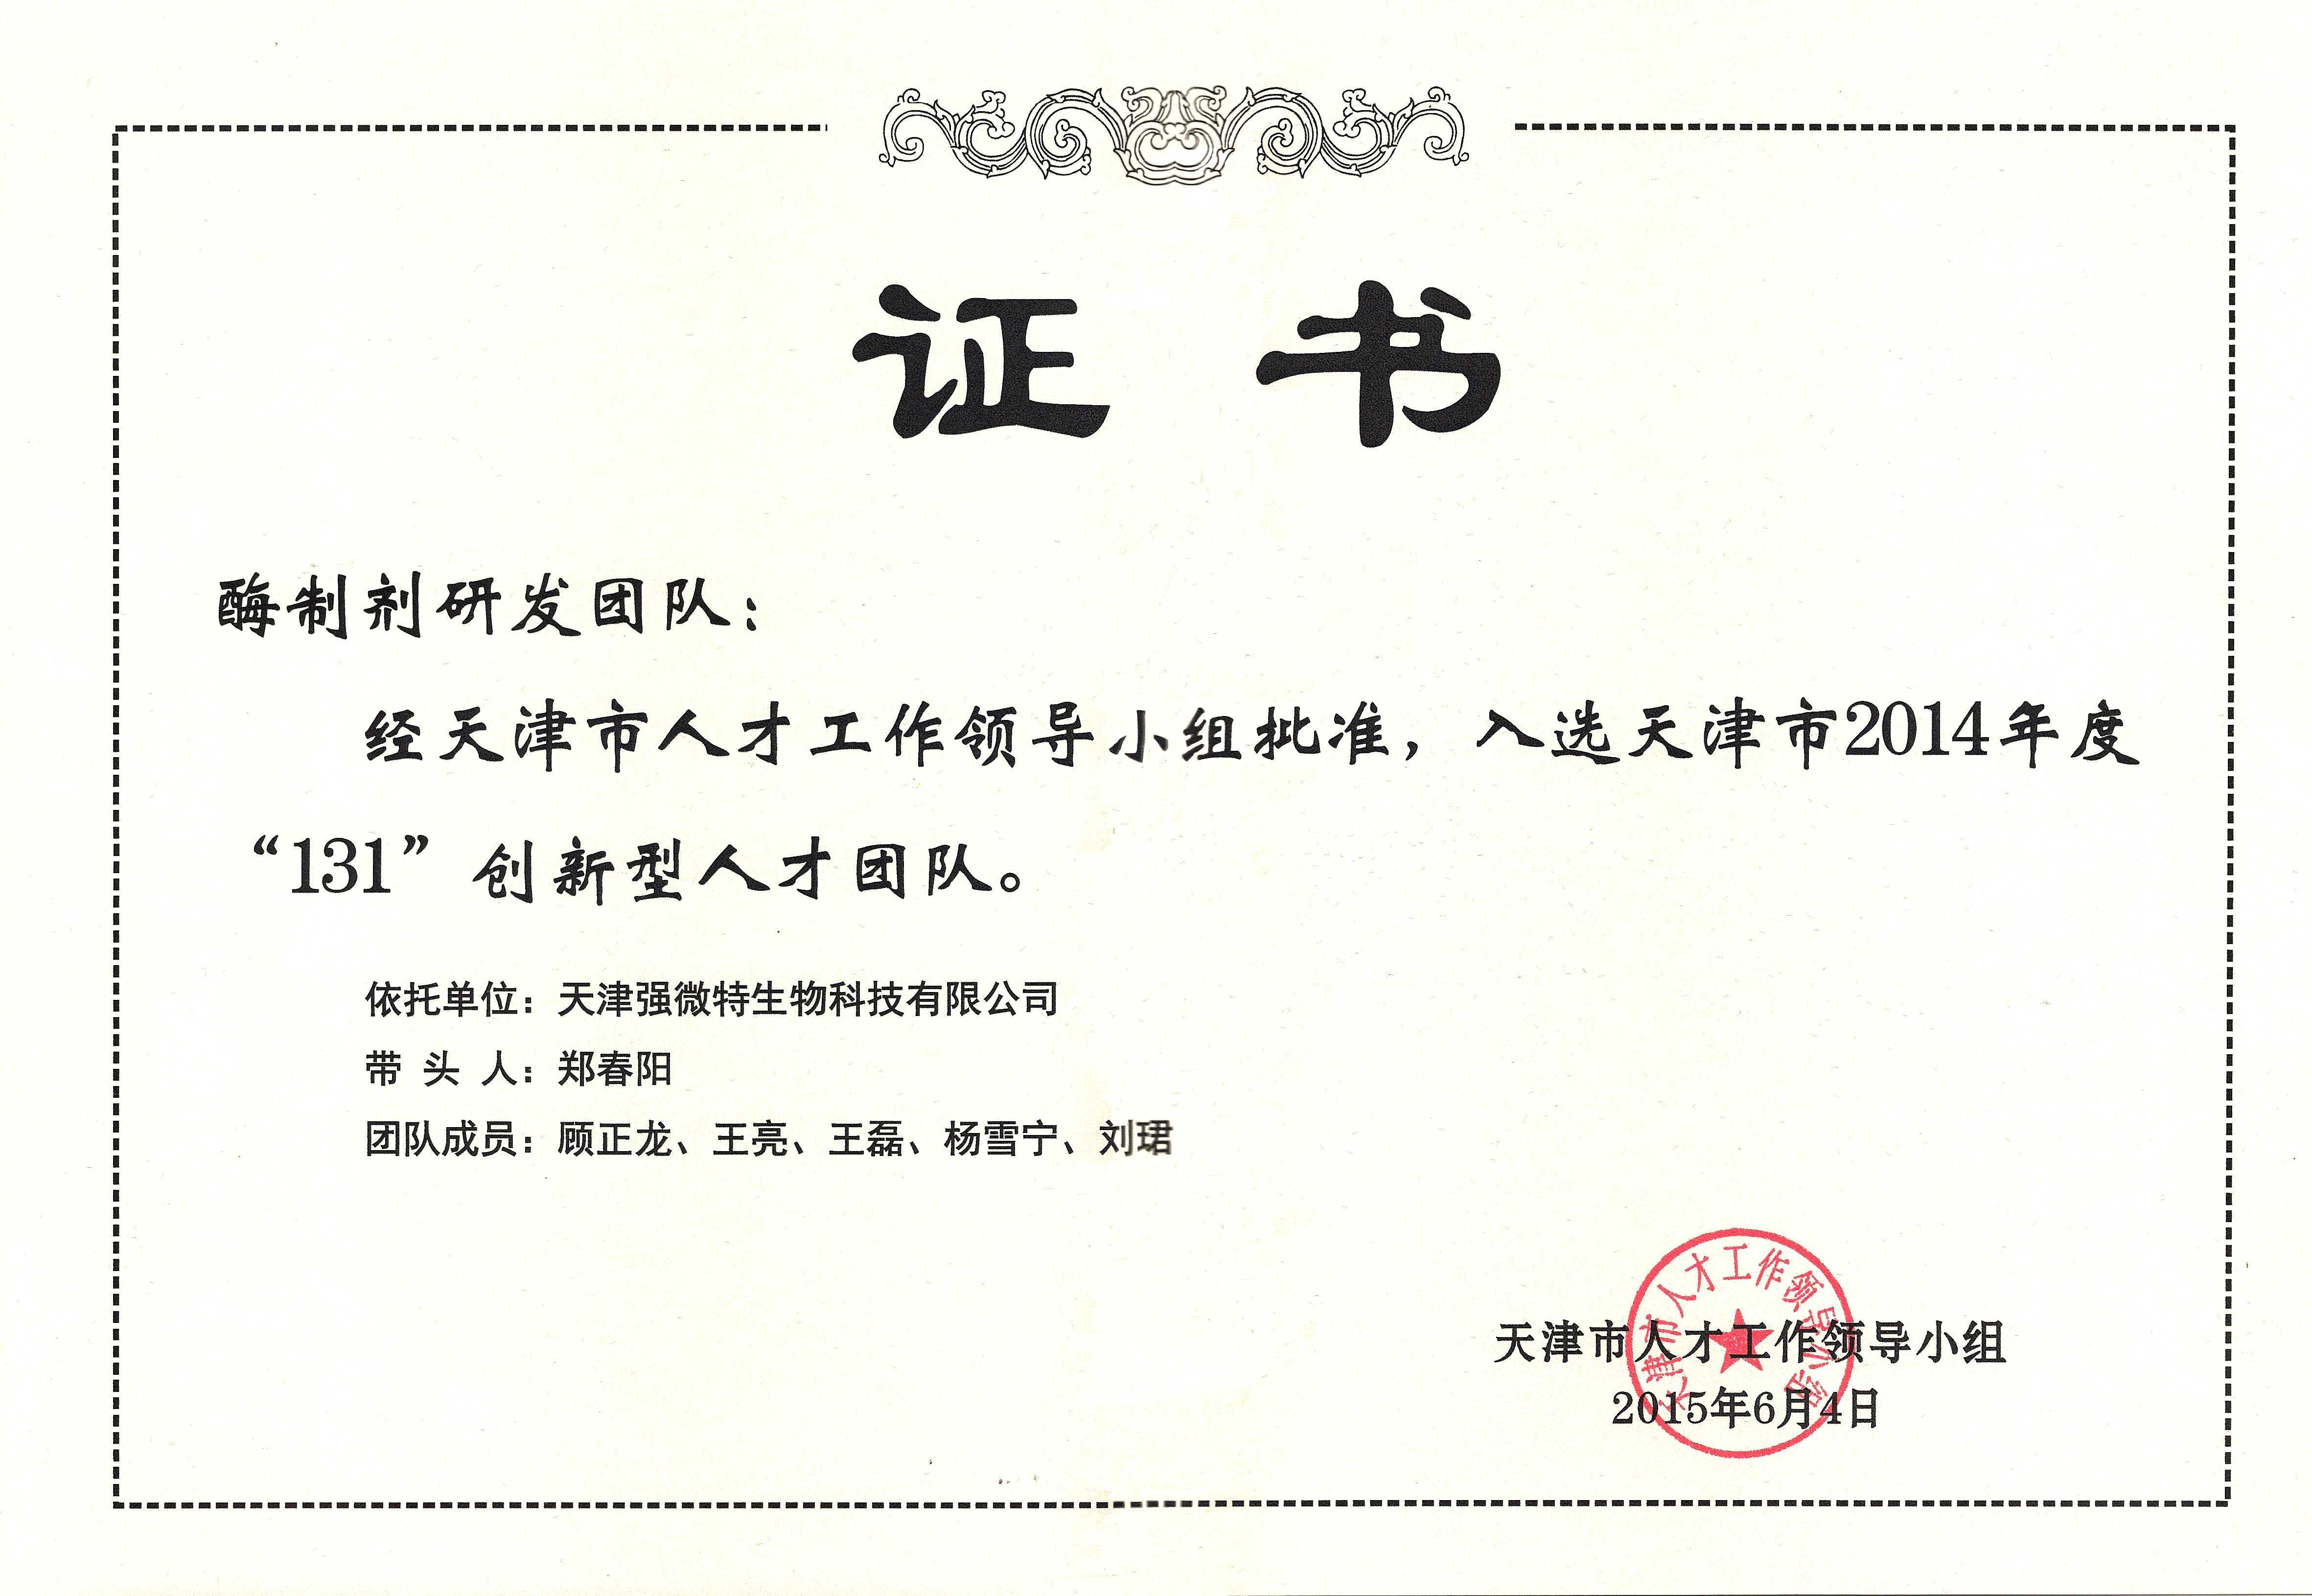 公司荣誉-131酶制剂人才团队